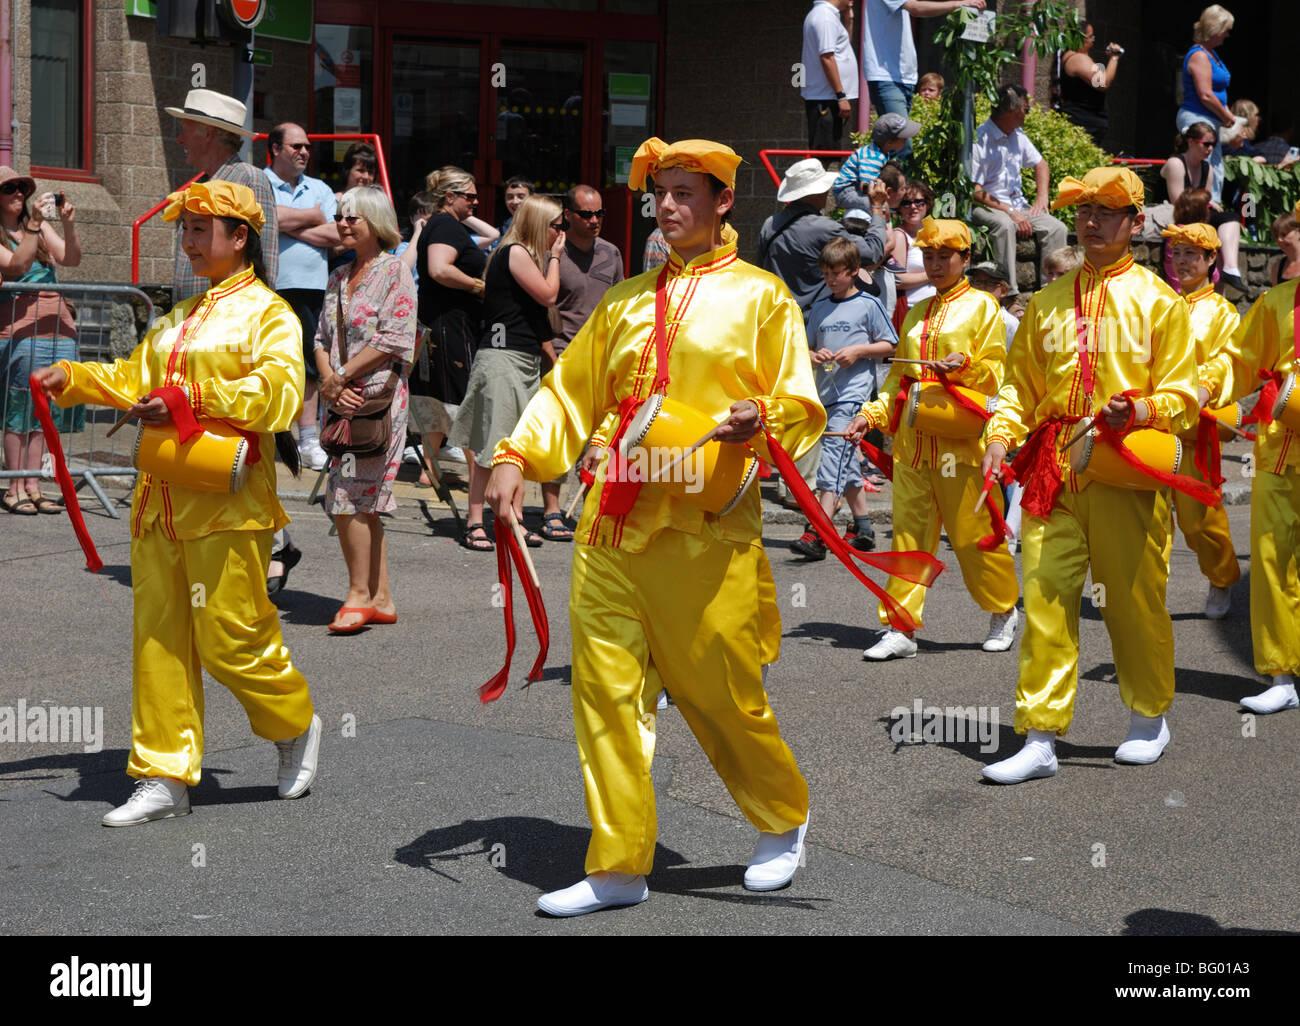 """Mitglieder der alten chinesischen Kultur """"Falun Gong"""" marschieren durch die Straßen von Penzance, Stockbild"""